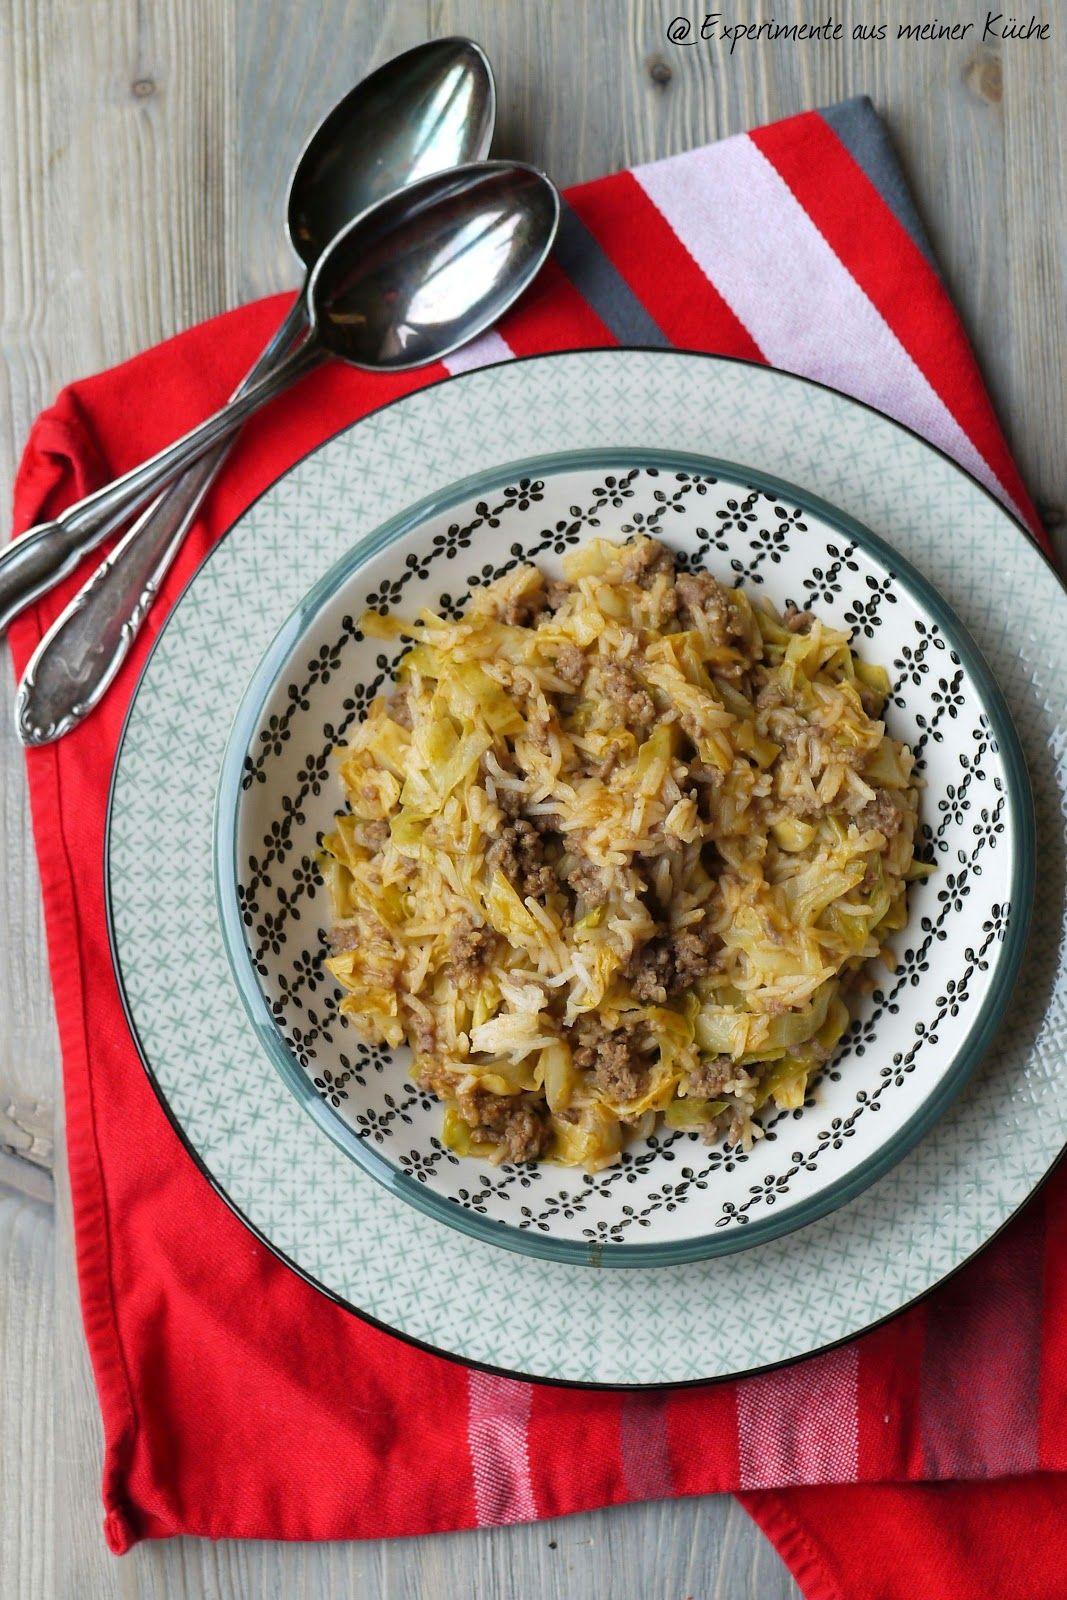 Reis-Spitzkohlpfanne mit Hackfleisch oder Kohlroulade mal anders ...